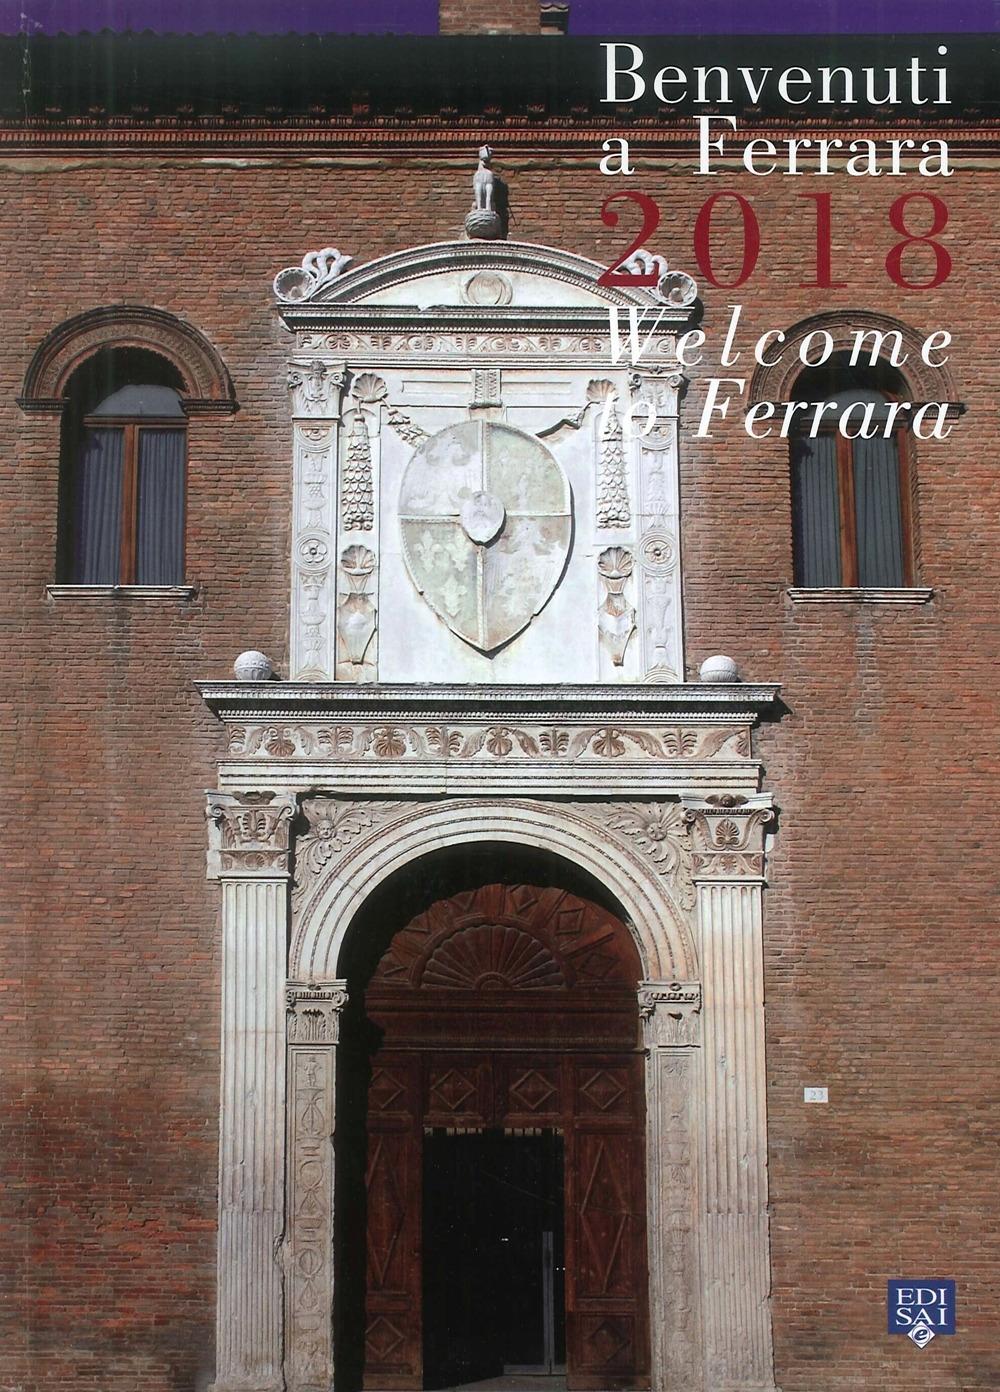 Benvenuti a Ferrara 2018. Welcome To Ferrara.